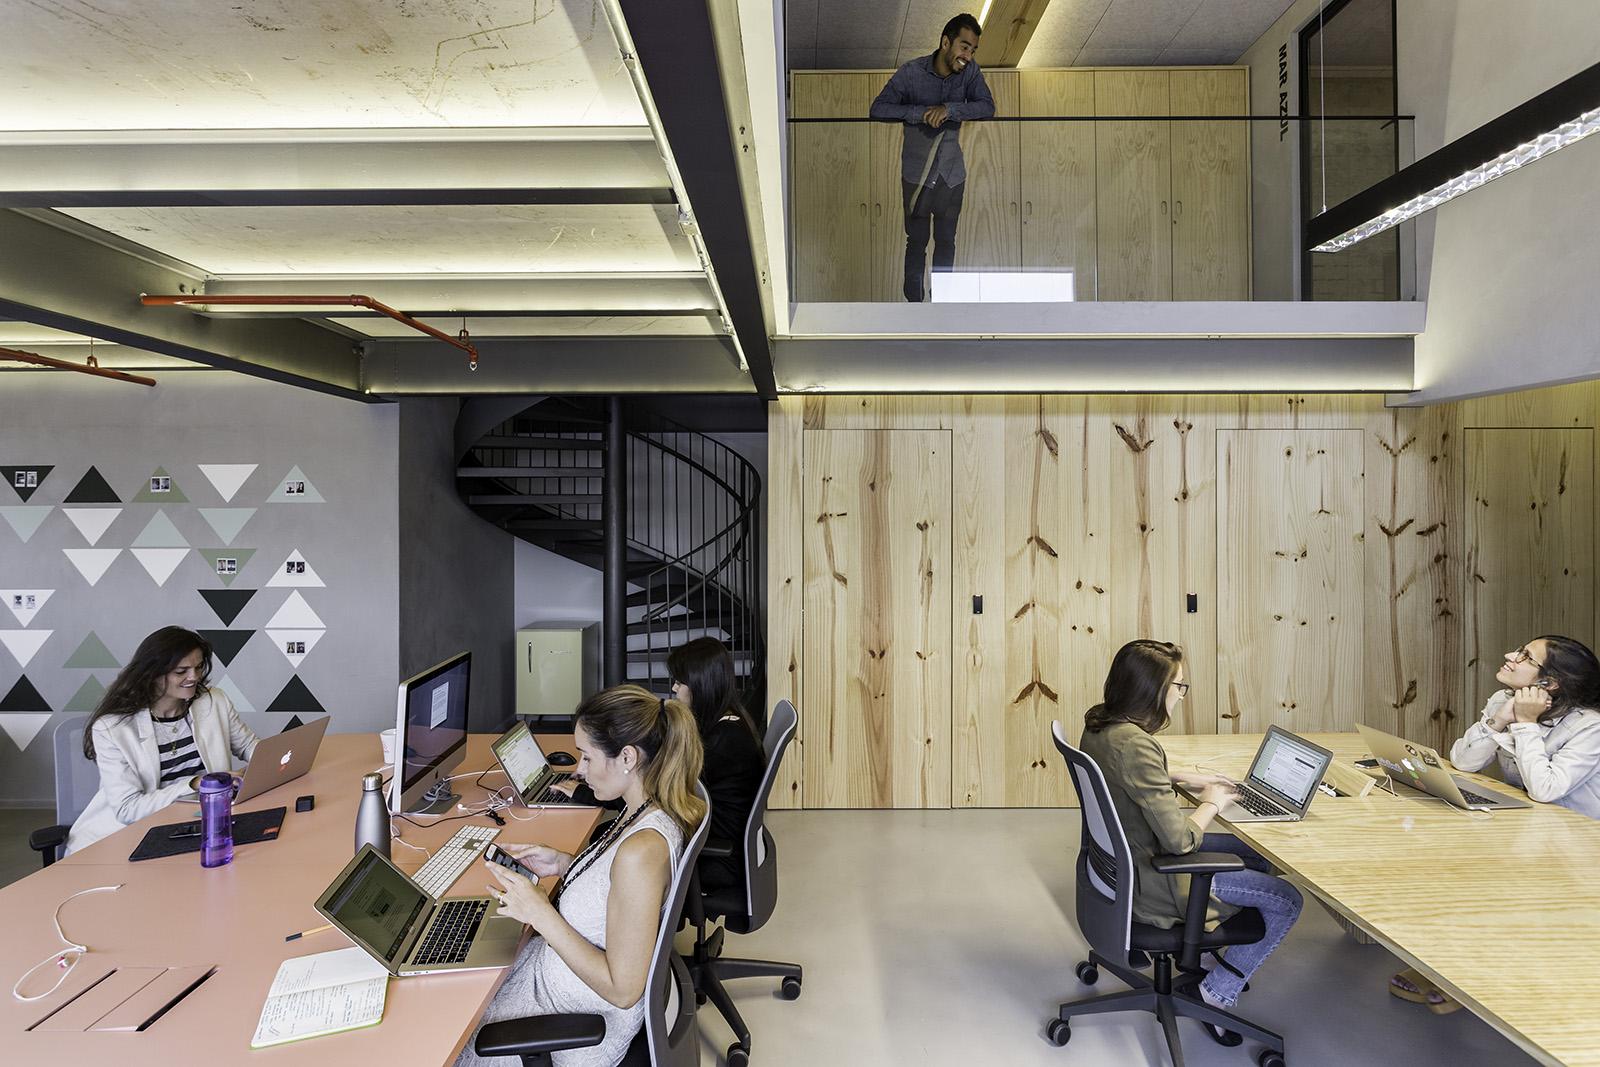 airbnb-sao-paulo-office-10